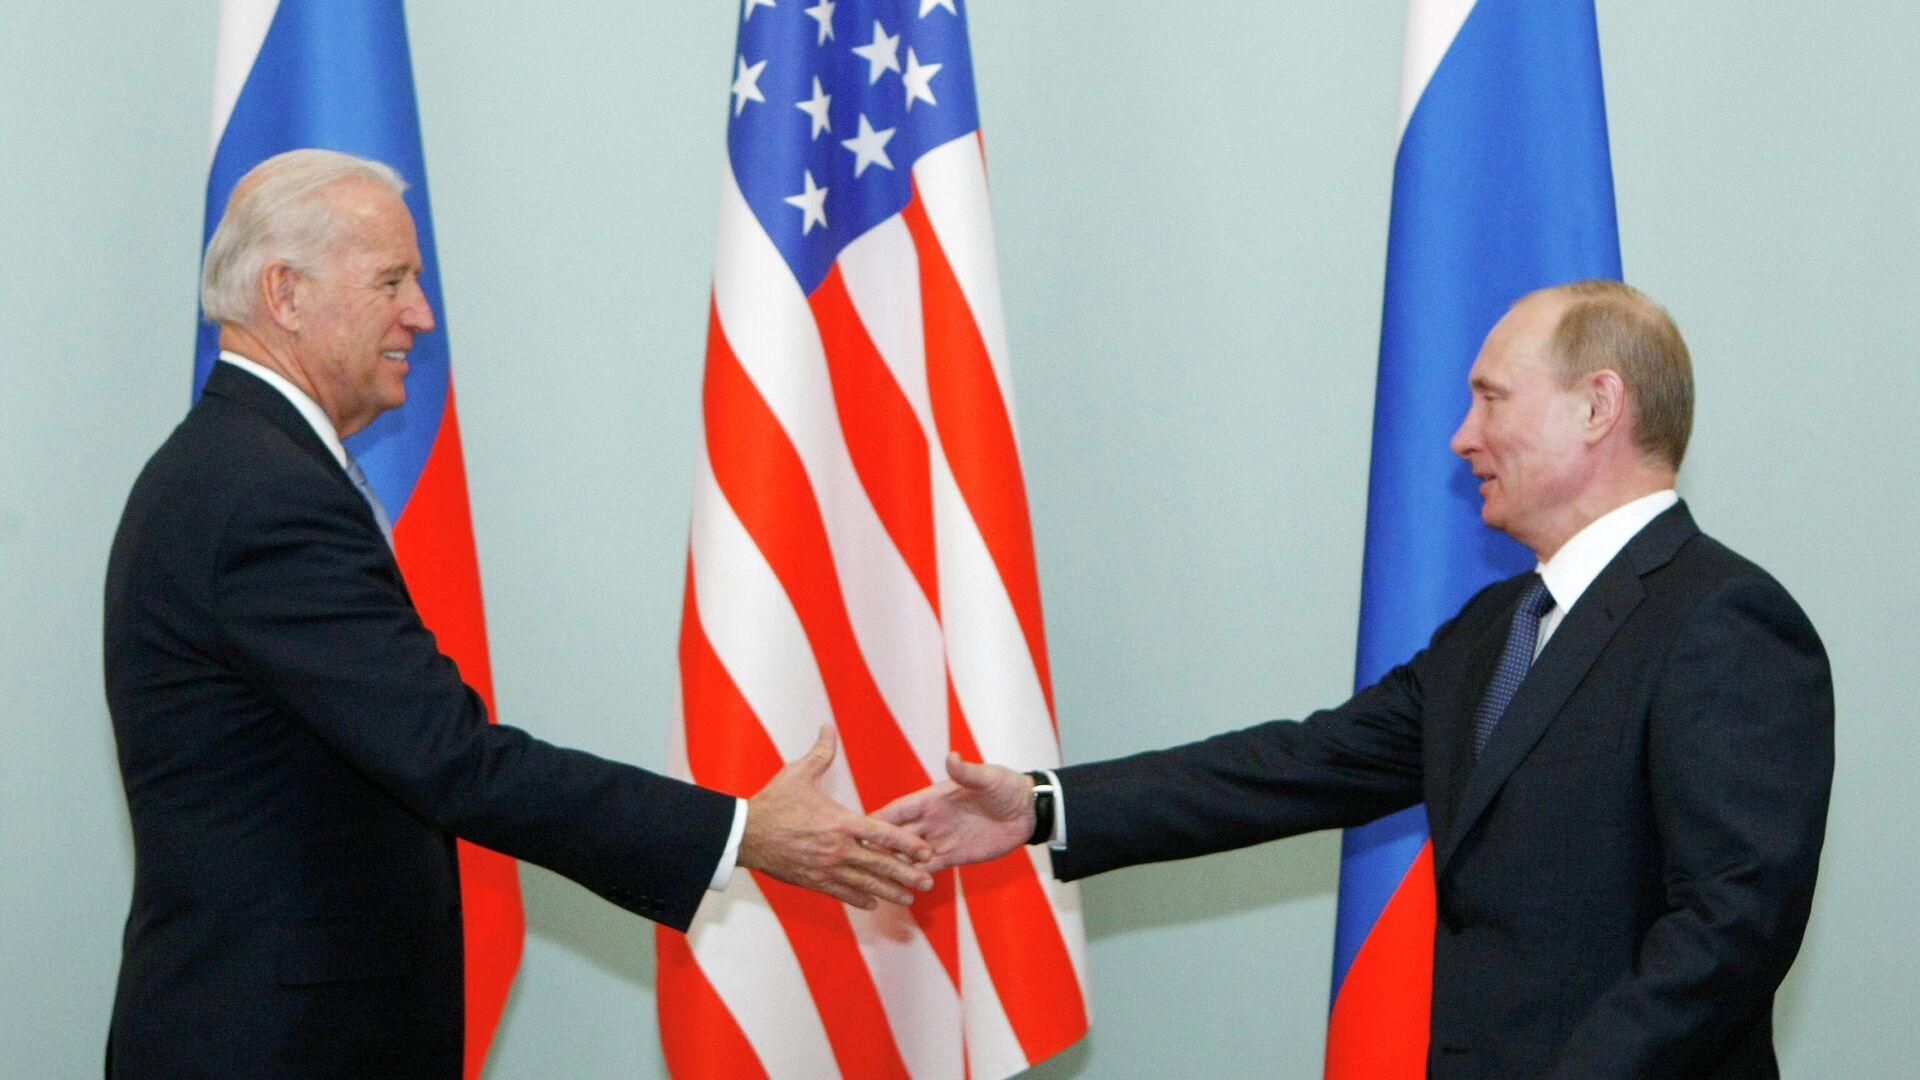 Владимир Путин и Джо Байден во время встречи в 2011 году - РИА Новости, 1920, 10.06.2021